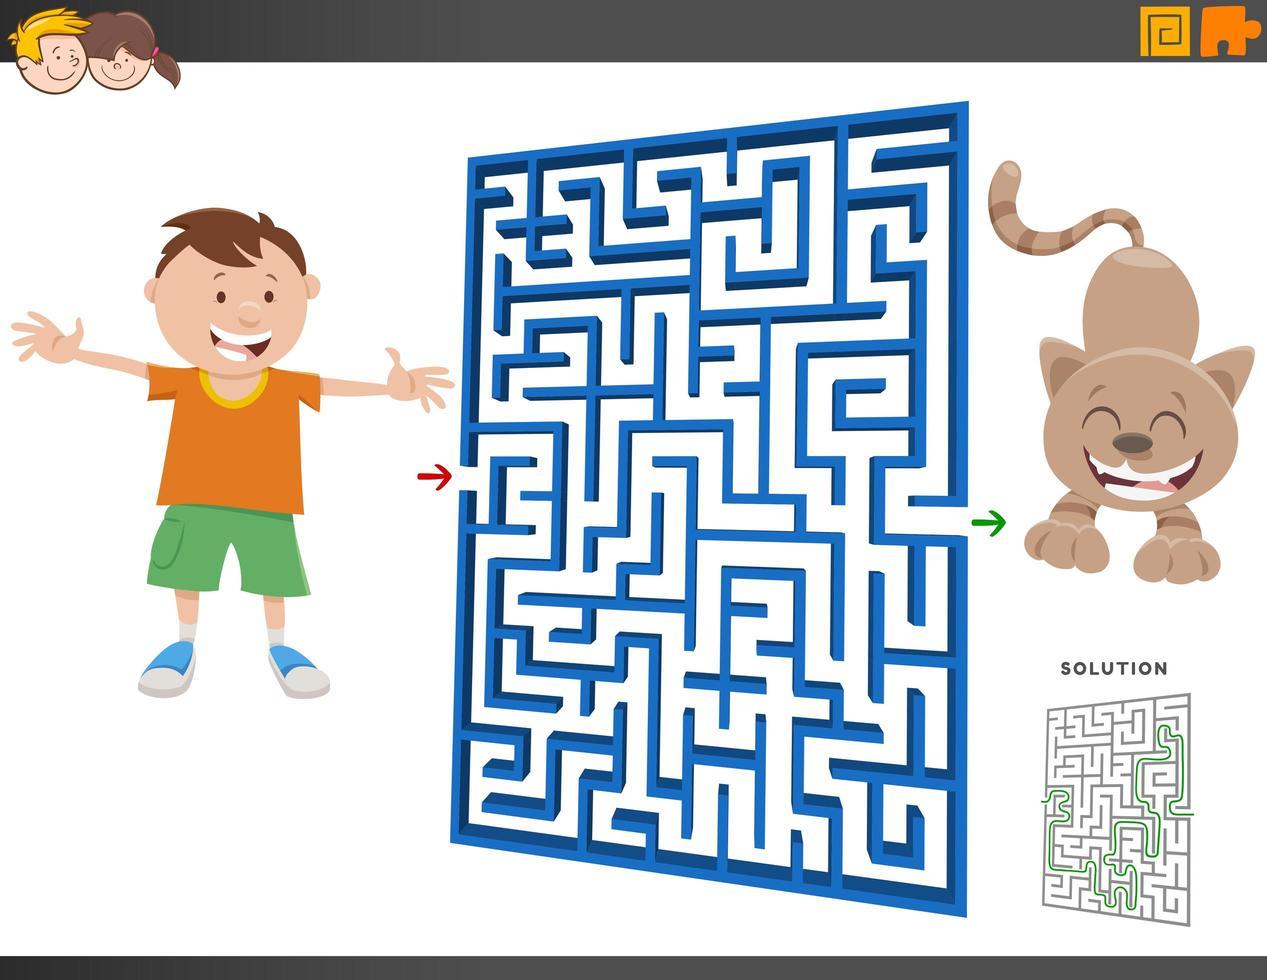 juego de laberinto con niño y gatito de dibujos animados vector